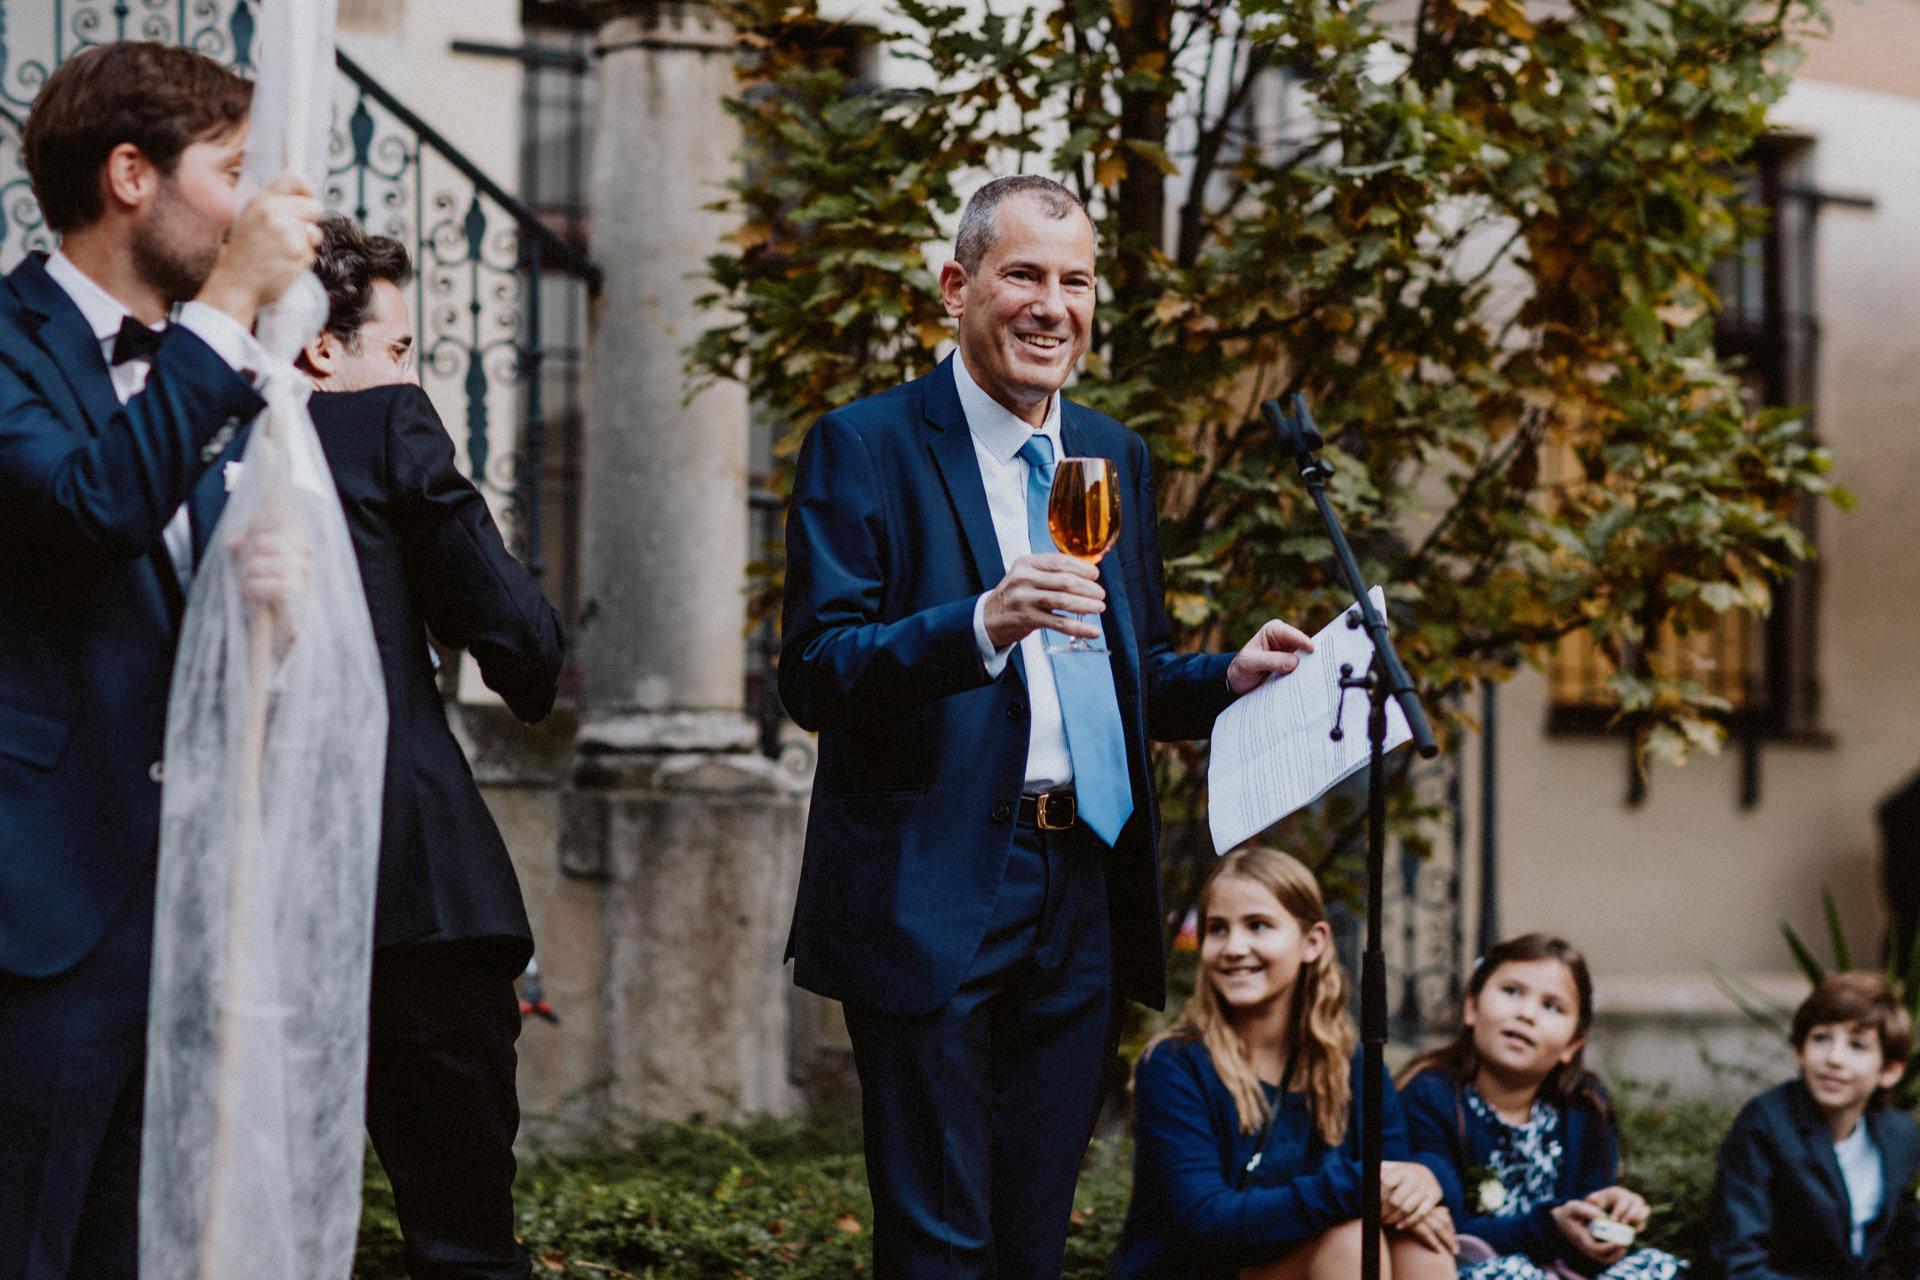 zeremonie deutsch jüdische hochzeit hochzeitstradition